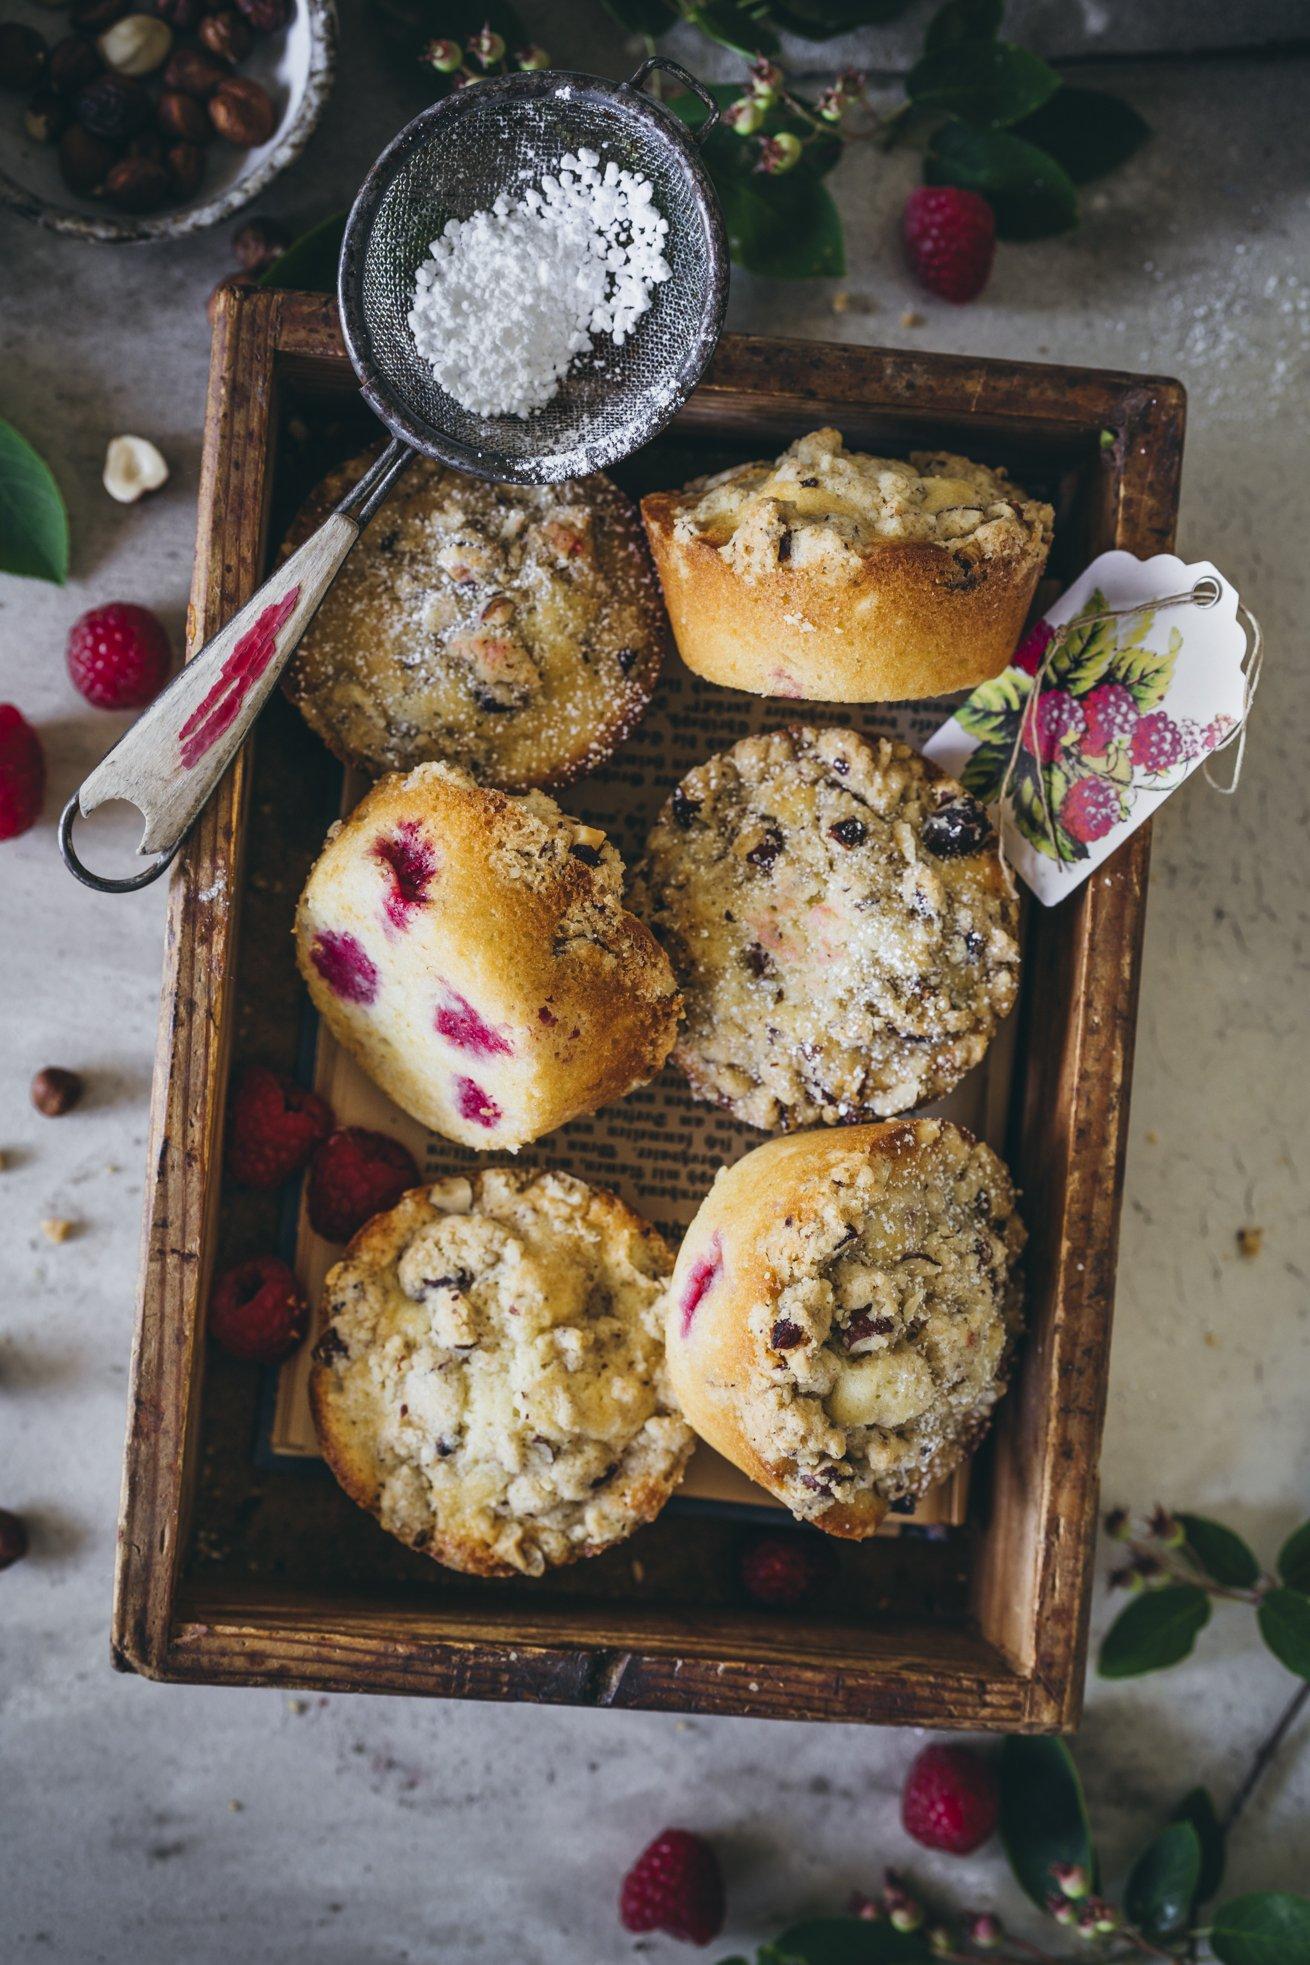 Saftige Muffins mit Himbeeren und Streuseln